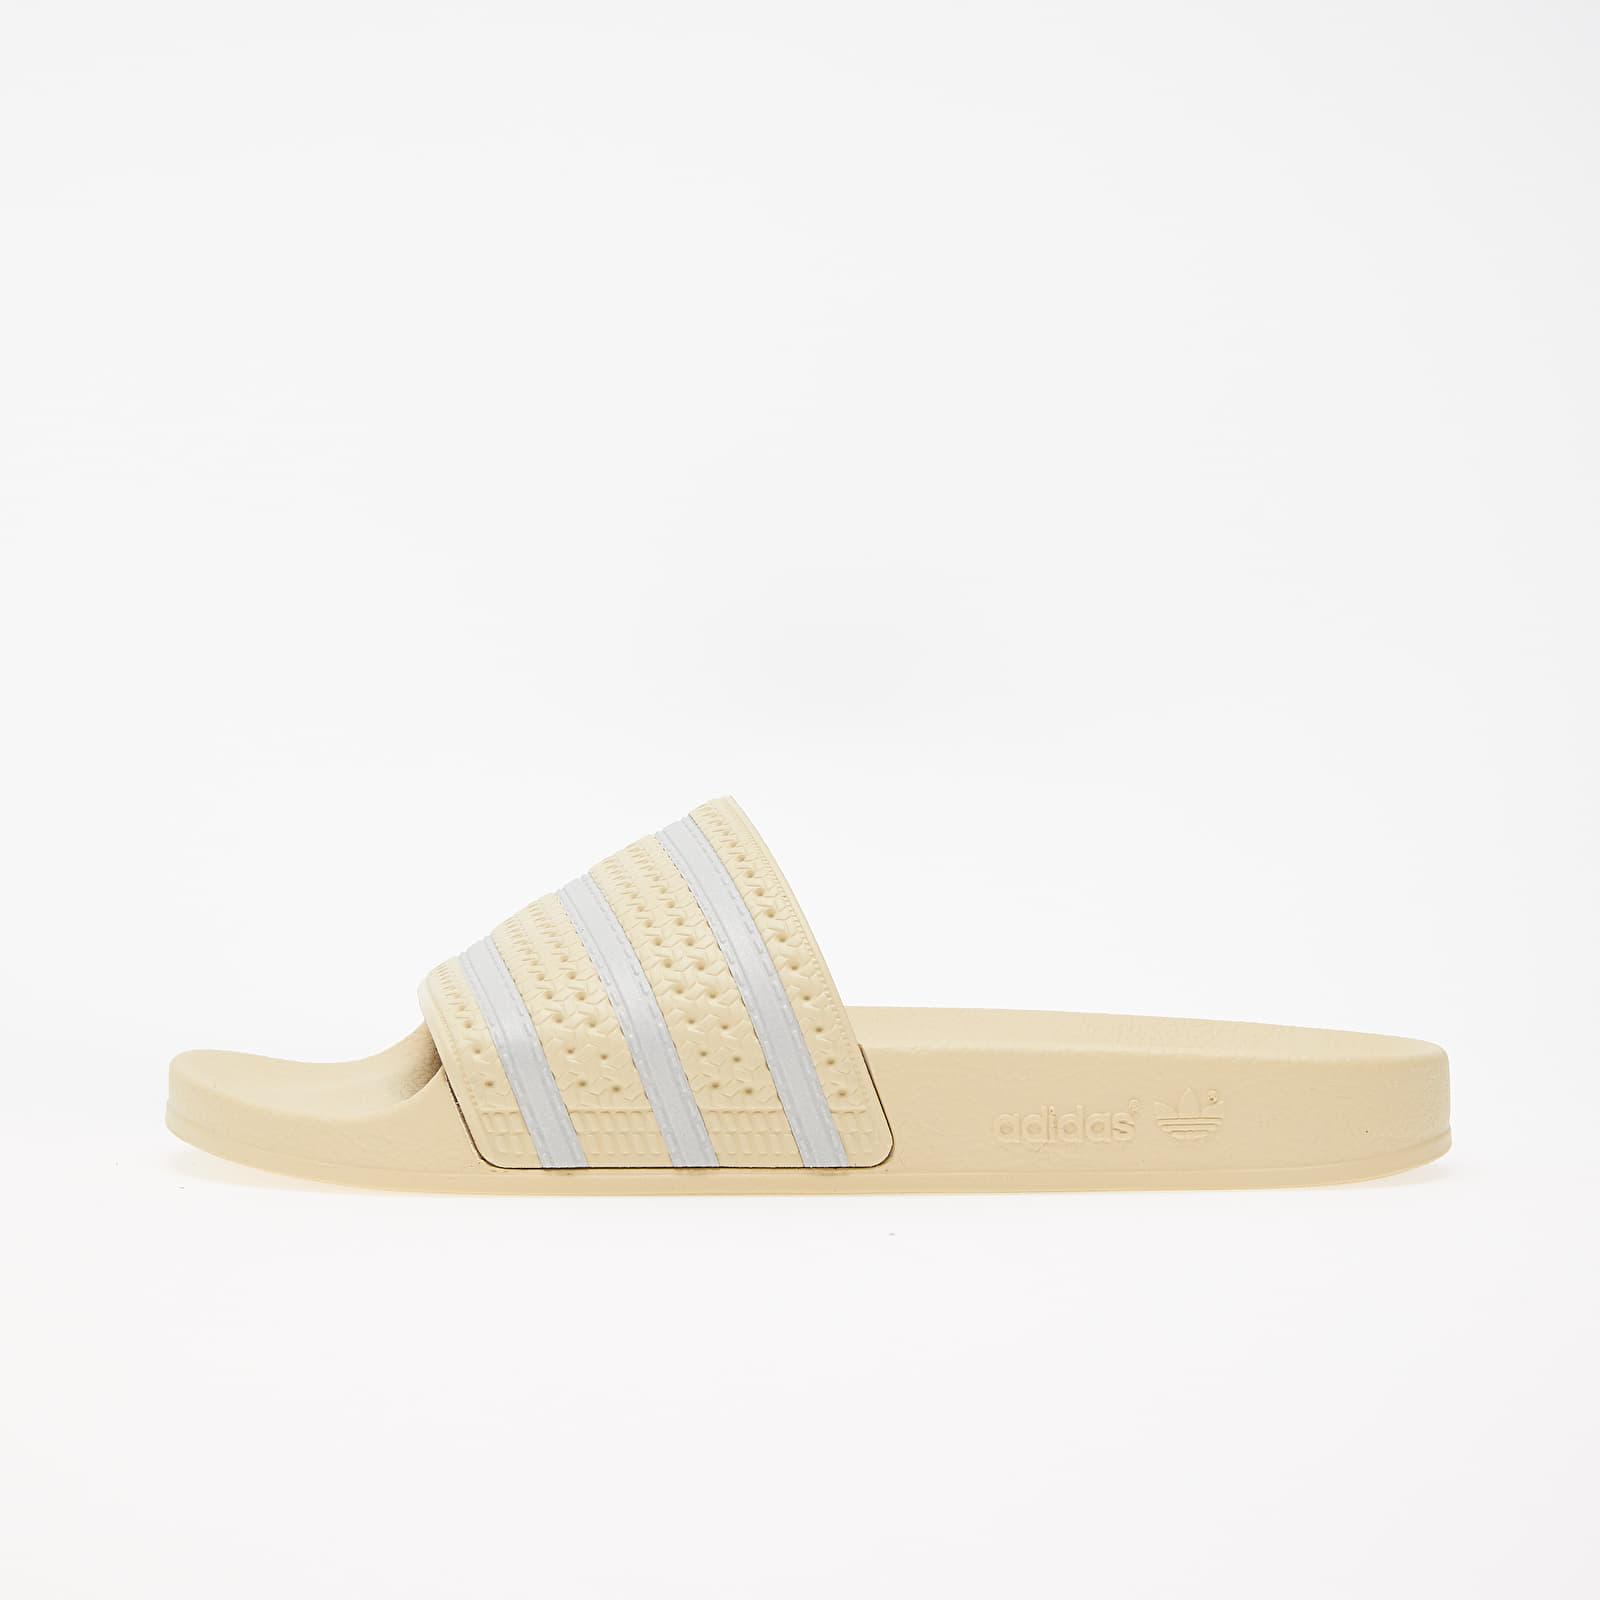 Men's shoes adidas Adilette Sand/ Supplier Colour/ Sand